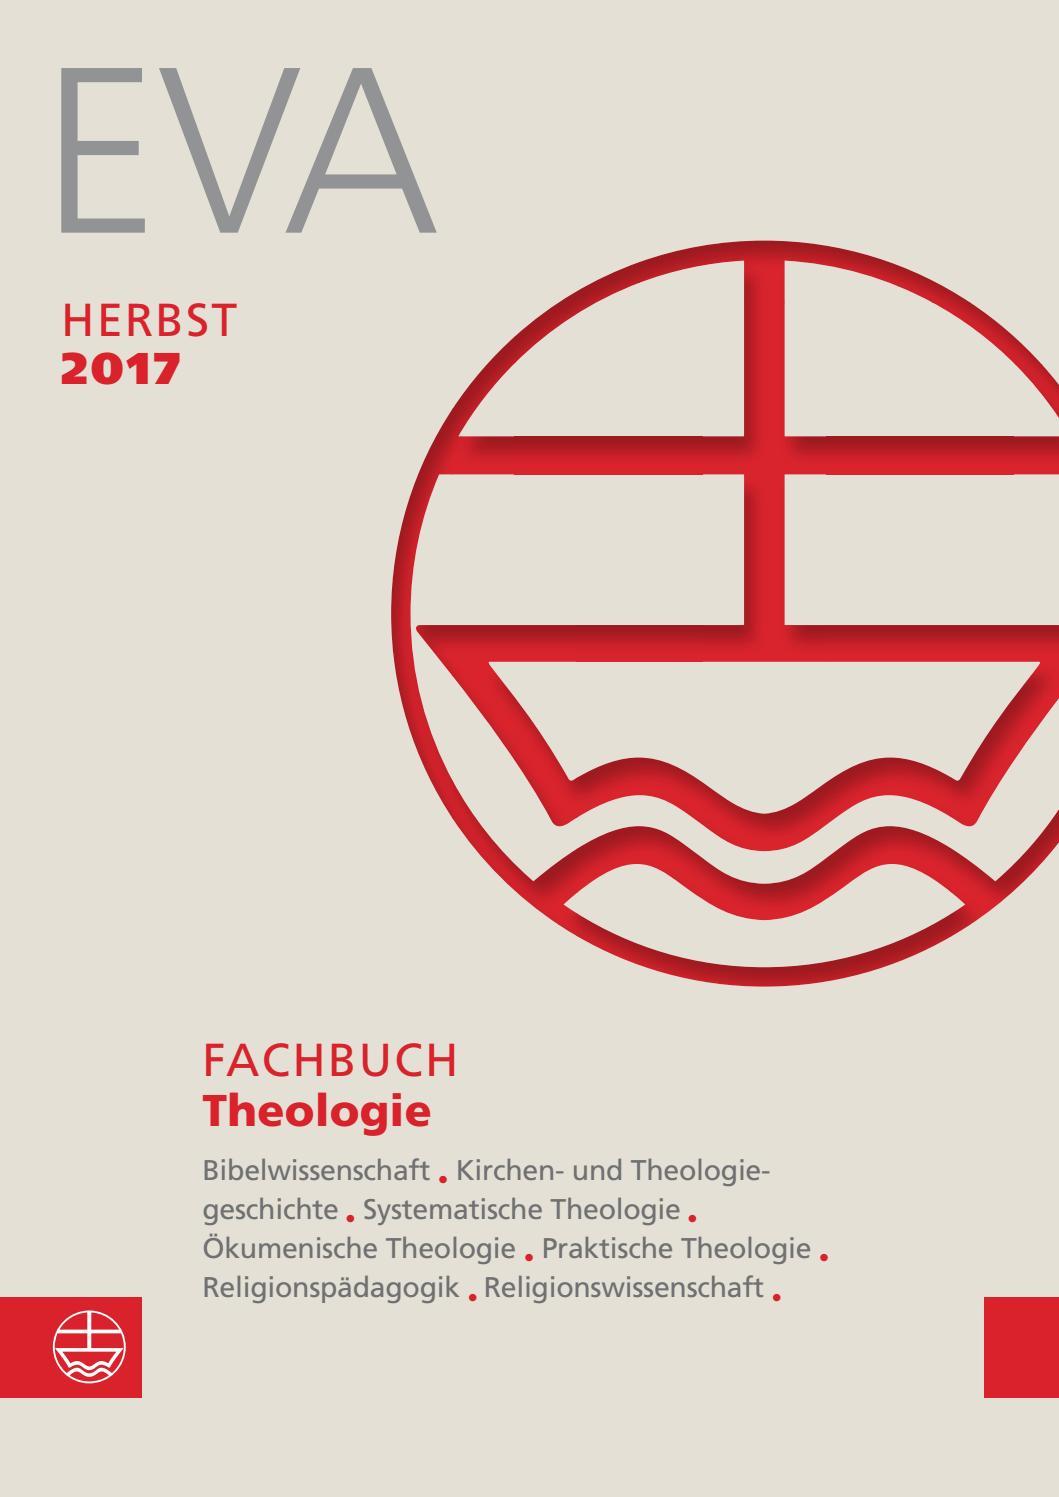 Vorschau Evangelische Verlagsanstalt Leipzig by Evangelische ...